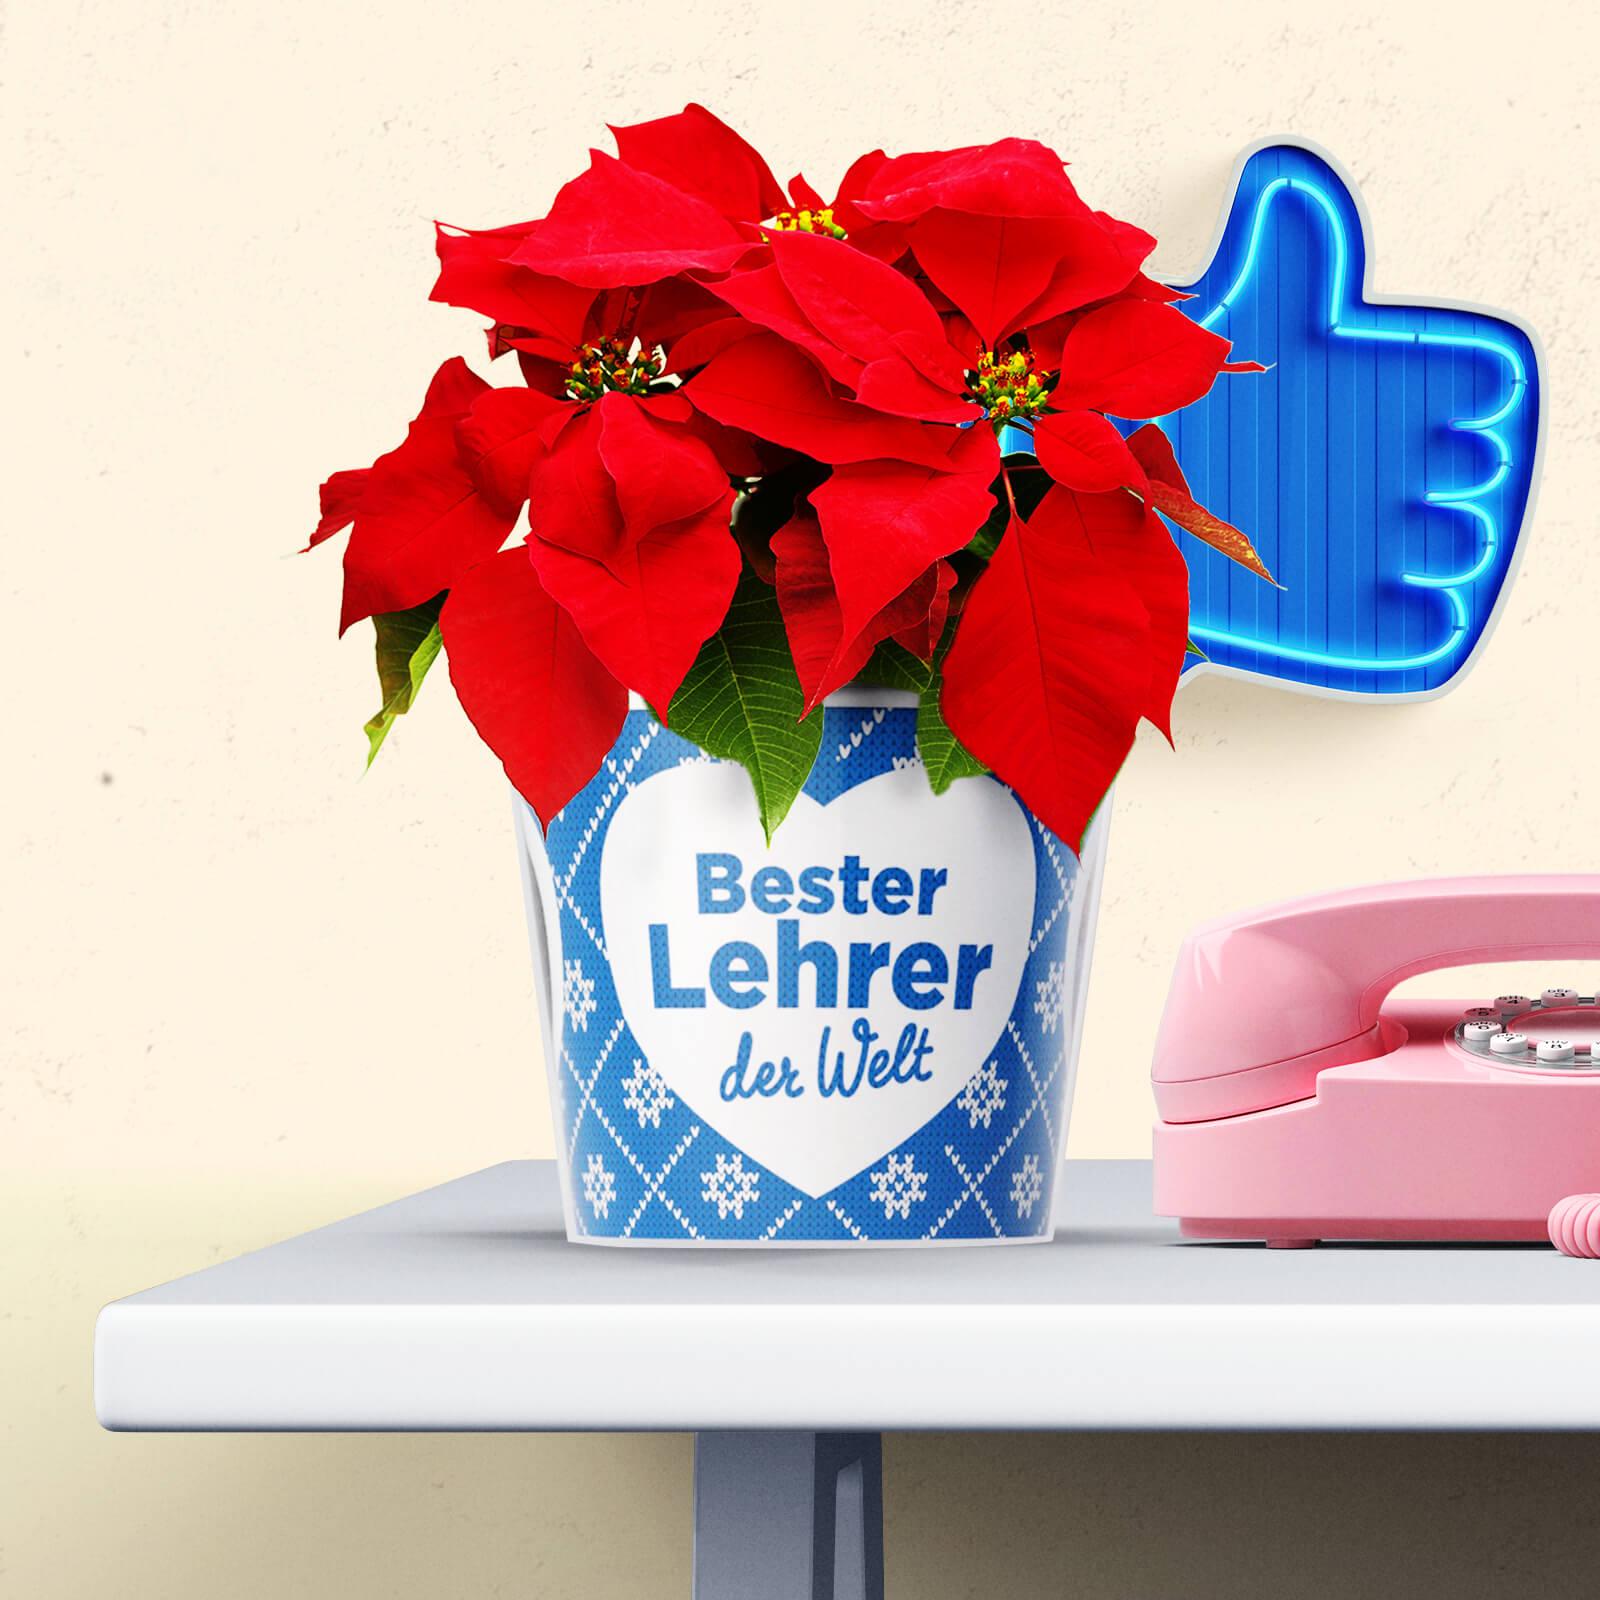 Geschenk Bester Lehrer zu Weihnachten